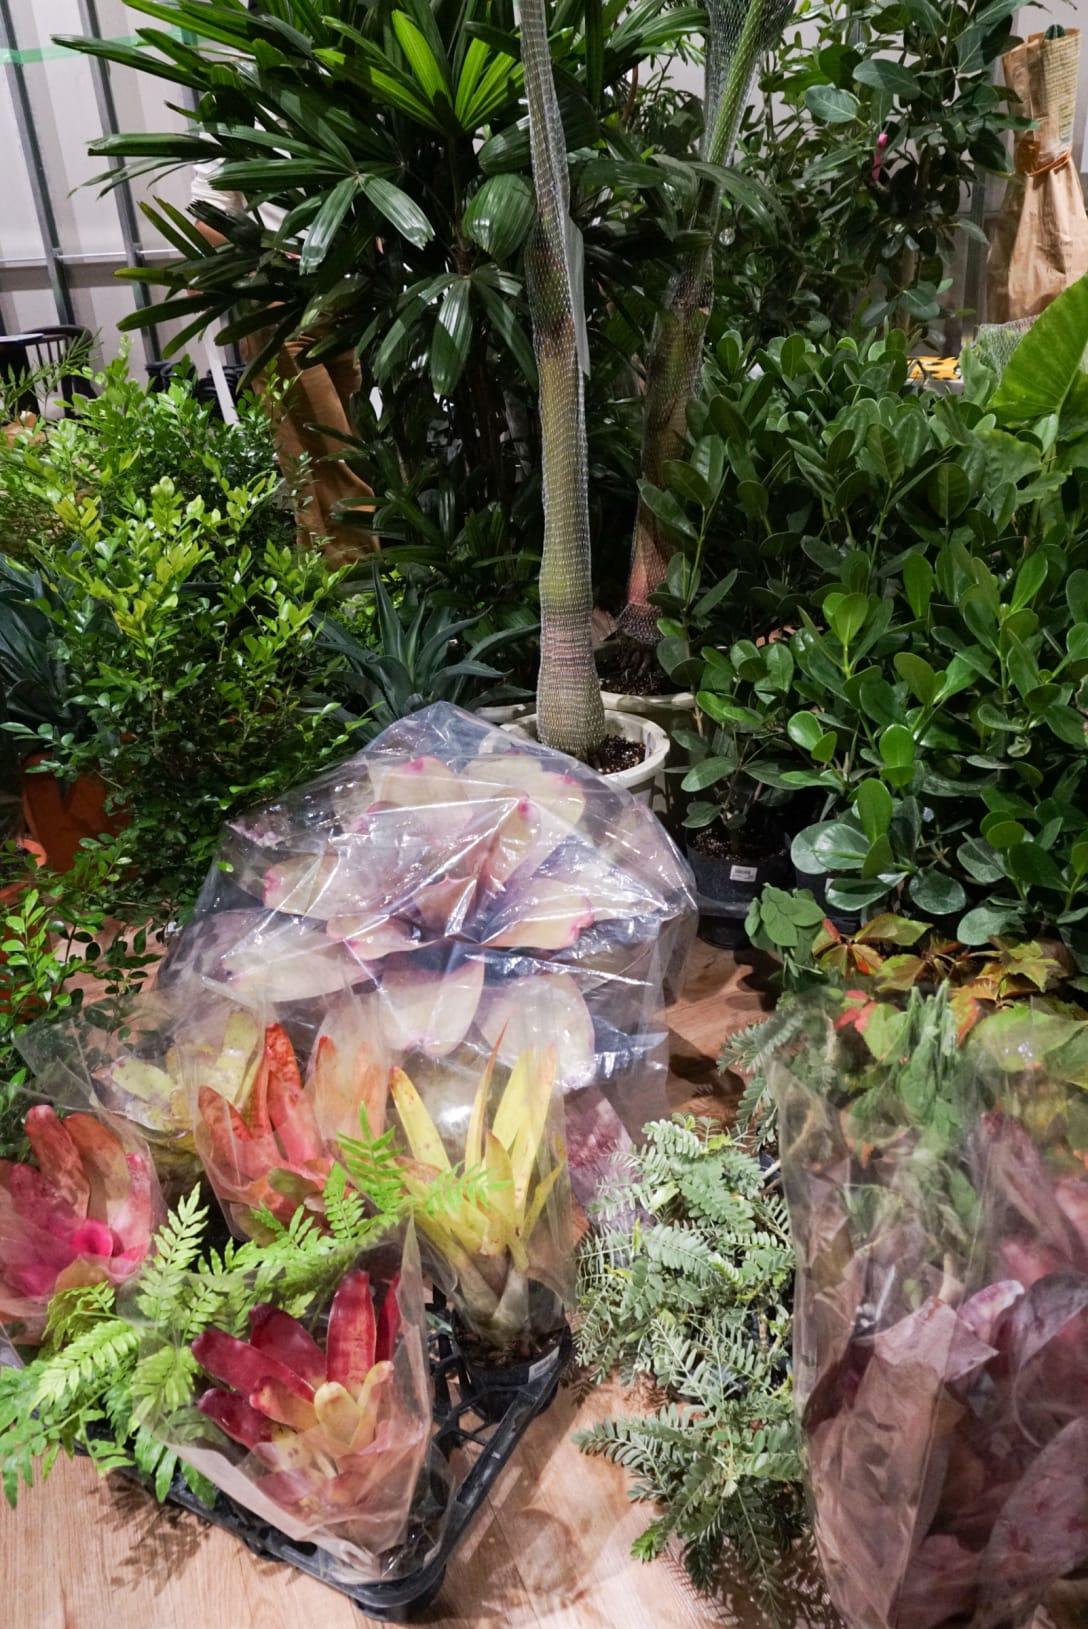 観葉植物は大型だと15万円程度するものも Image by FASHIONSNAP